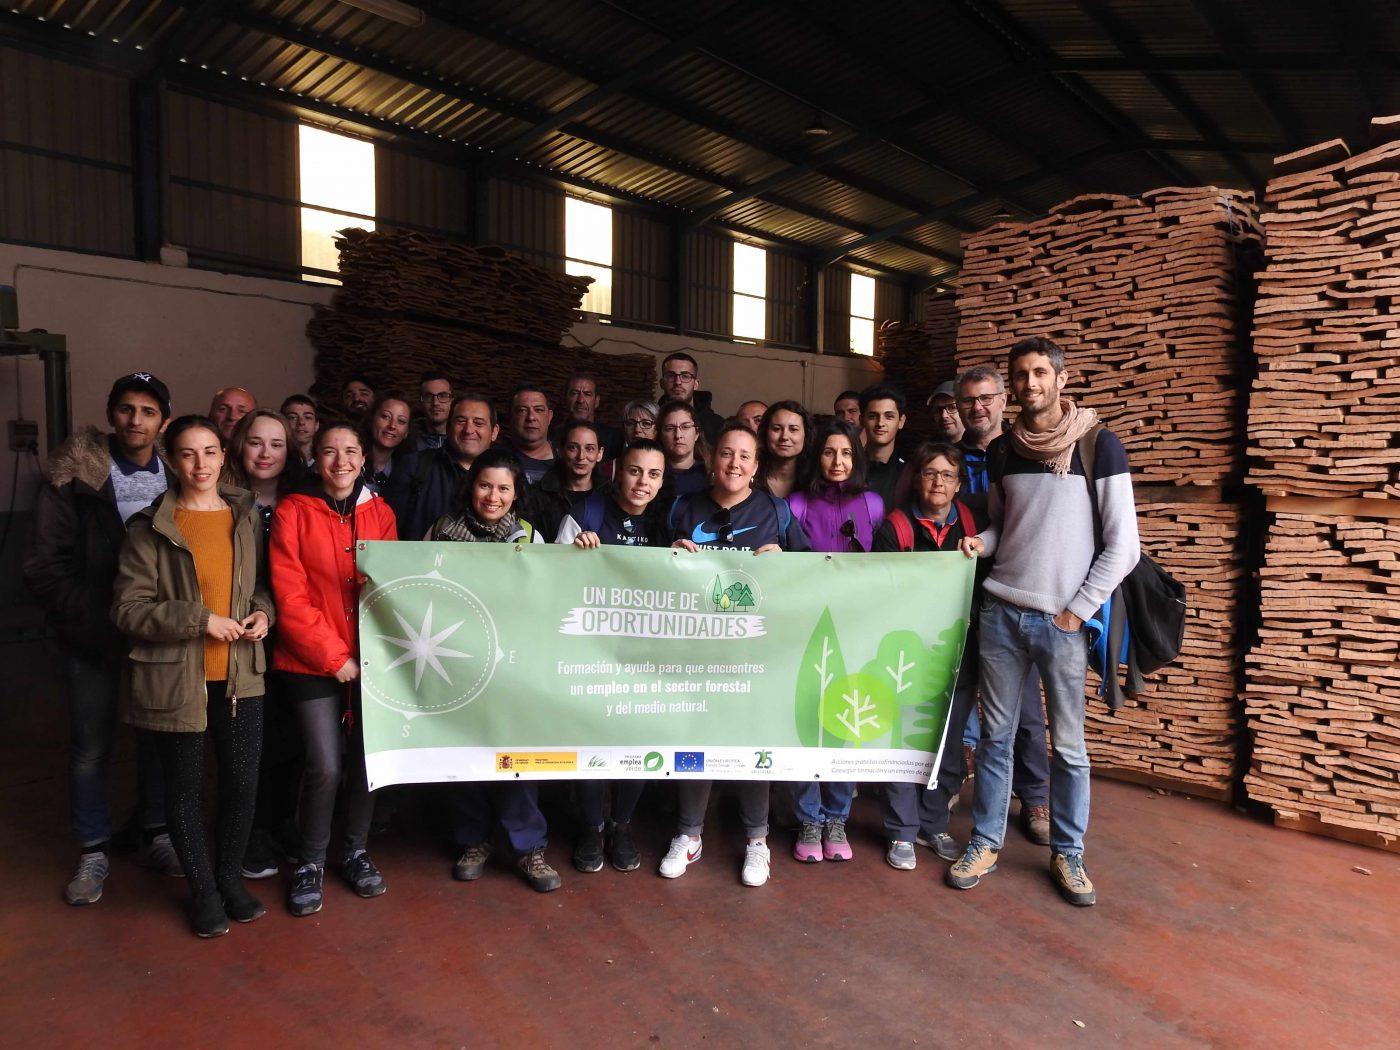 El proyecto BOSQUE DE OPORTUNIDADES ofrece formación gratuita a 220 alumnos